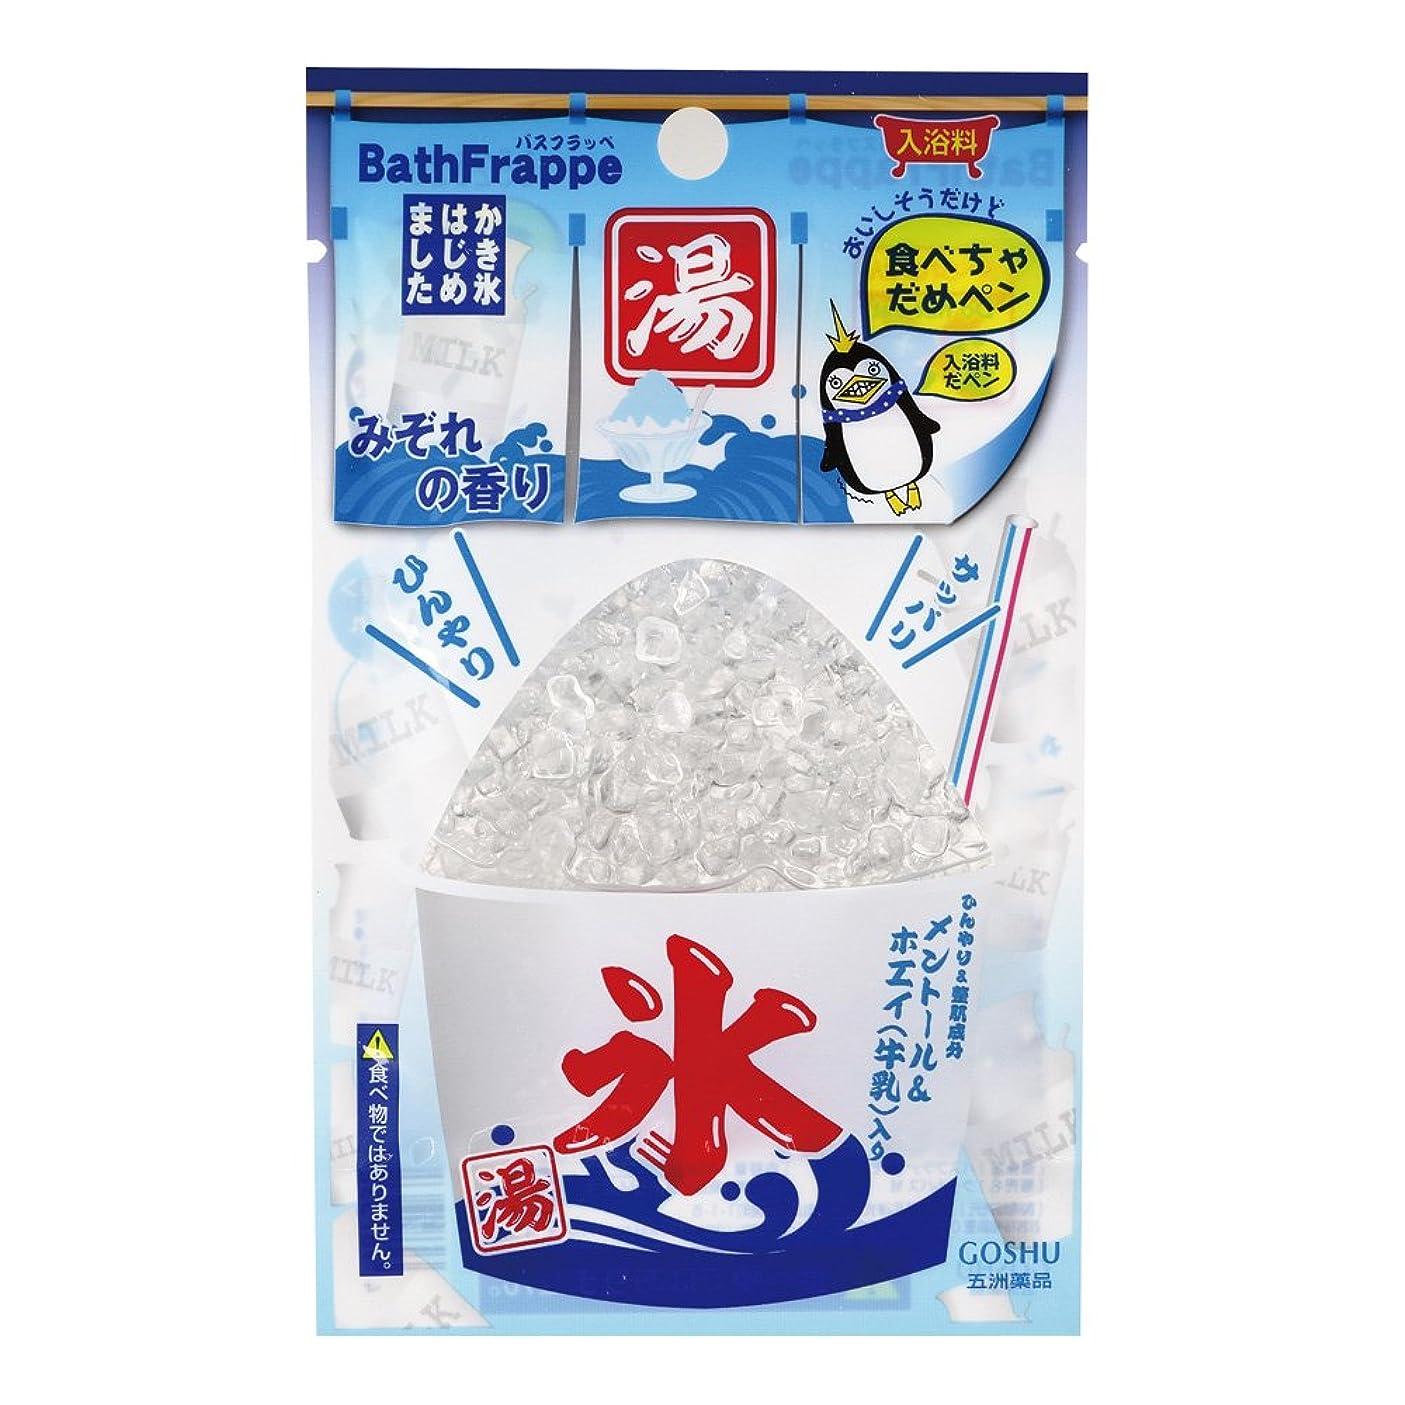 二年生マット反発する五洲薬品 かき氷風入浴剤 バスフラッペ みぞれの香り 1箱(10包入)